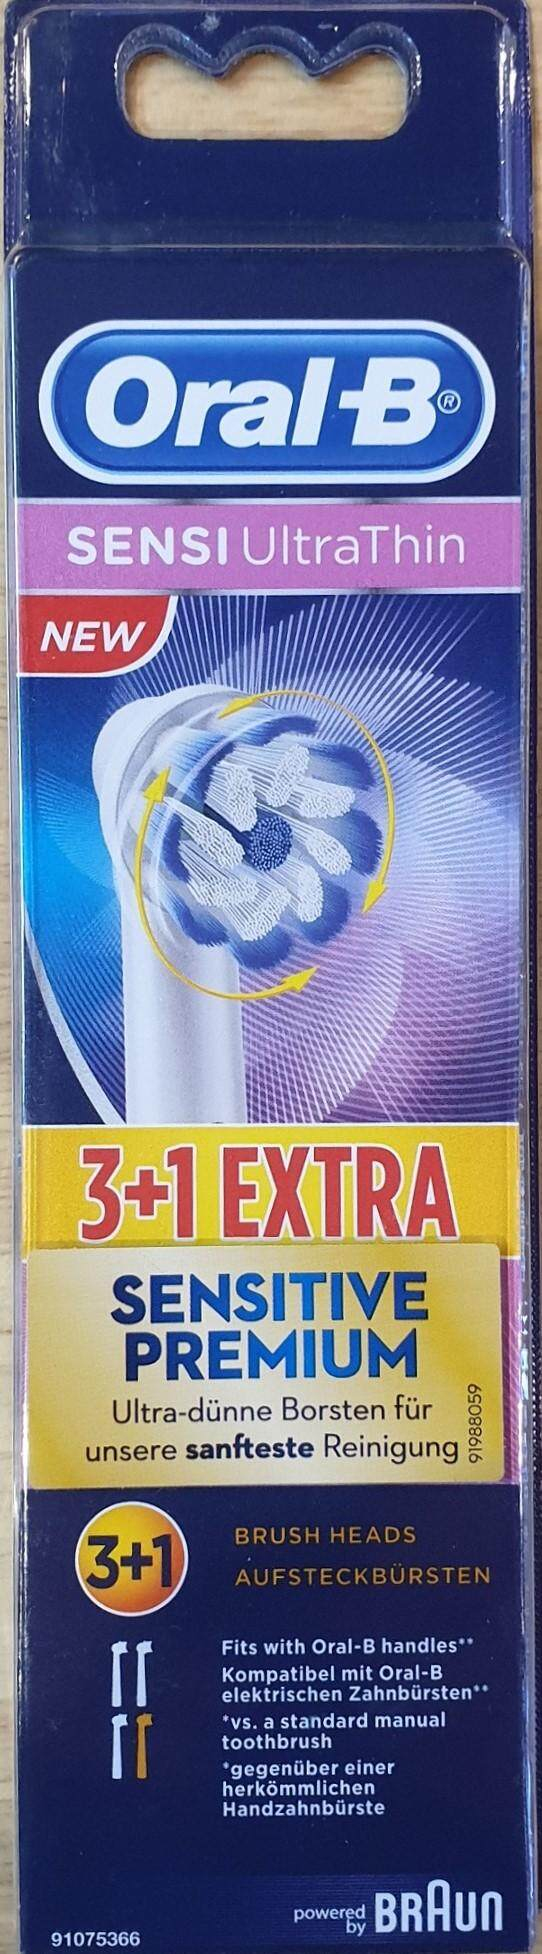 แปรงสีฟันไฟฟ้าเพื่อรอยยิ้มขาวสดใส สระบุรี หัวแปรงสีฟัน Oral B รุ่น Sensi UltraThin 4 หัวแปรง ของแท้ จาก Germany